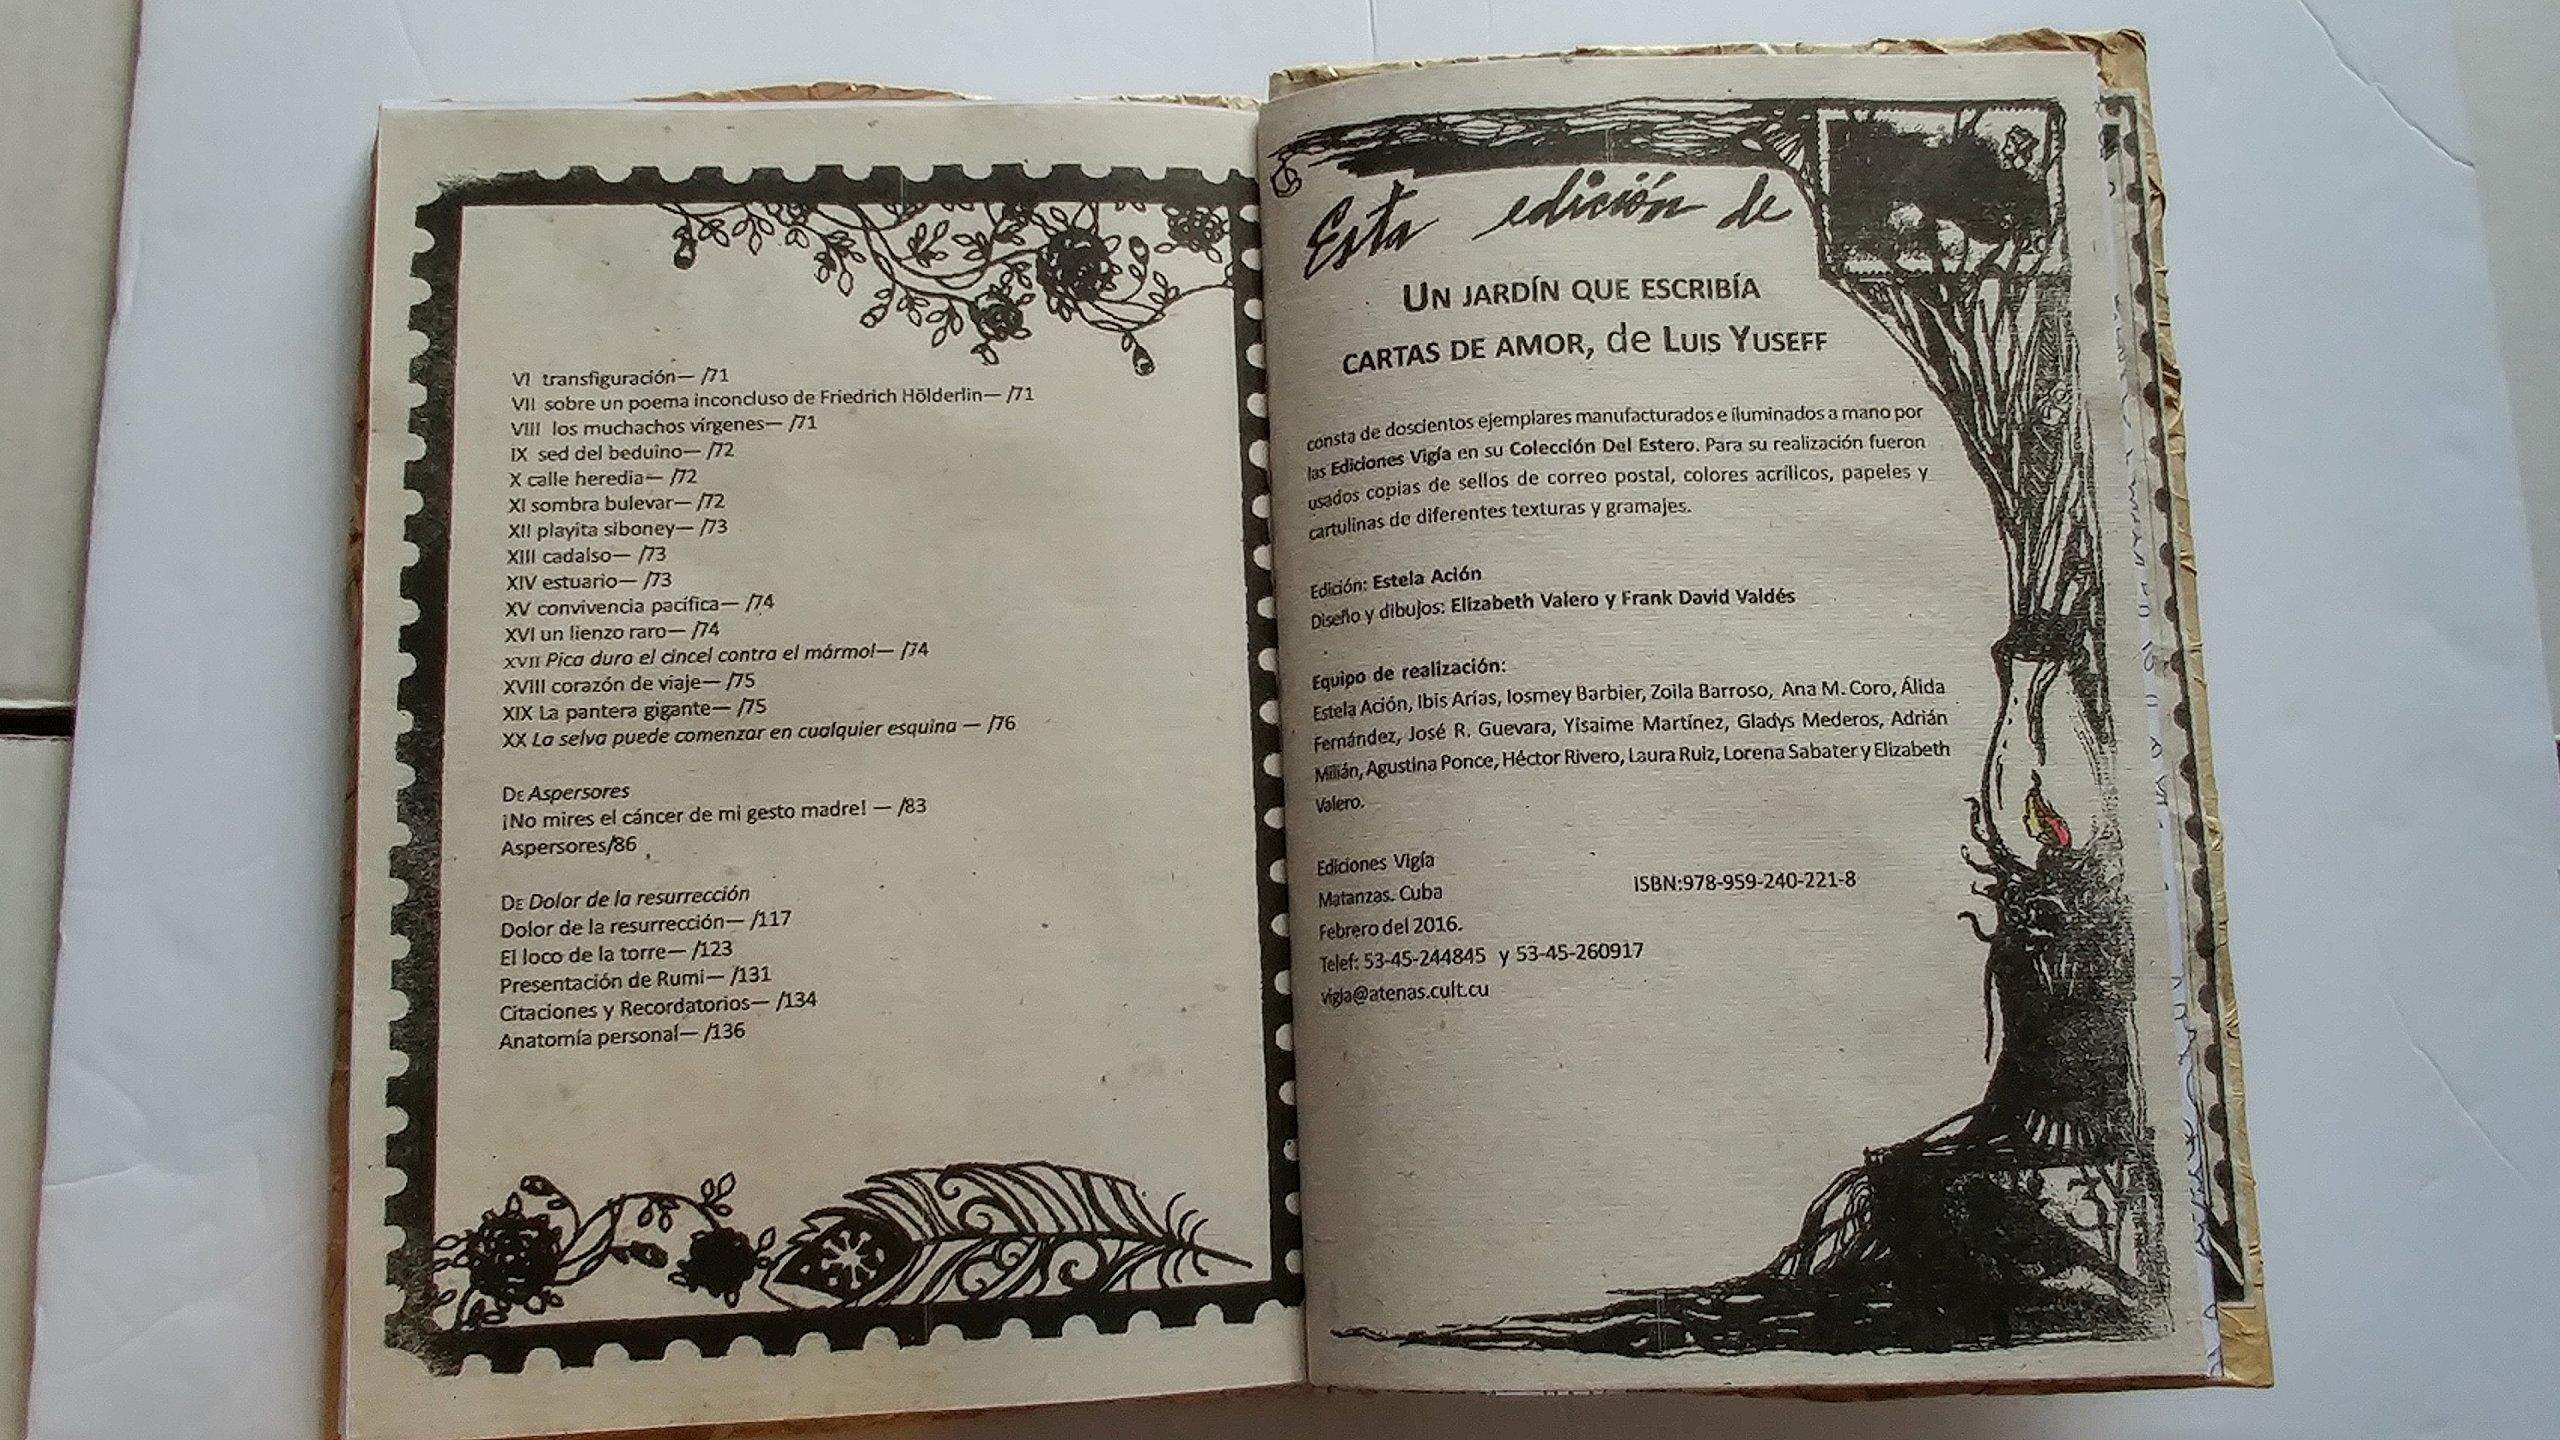 Un jardin que escribia cartas de amor, ediciones vigia ...